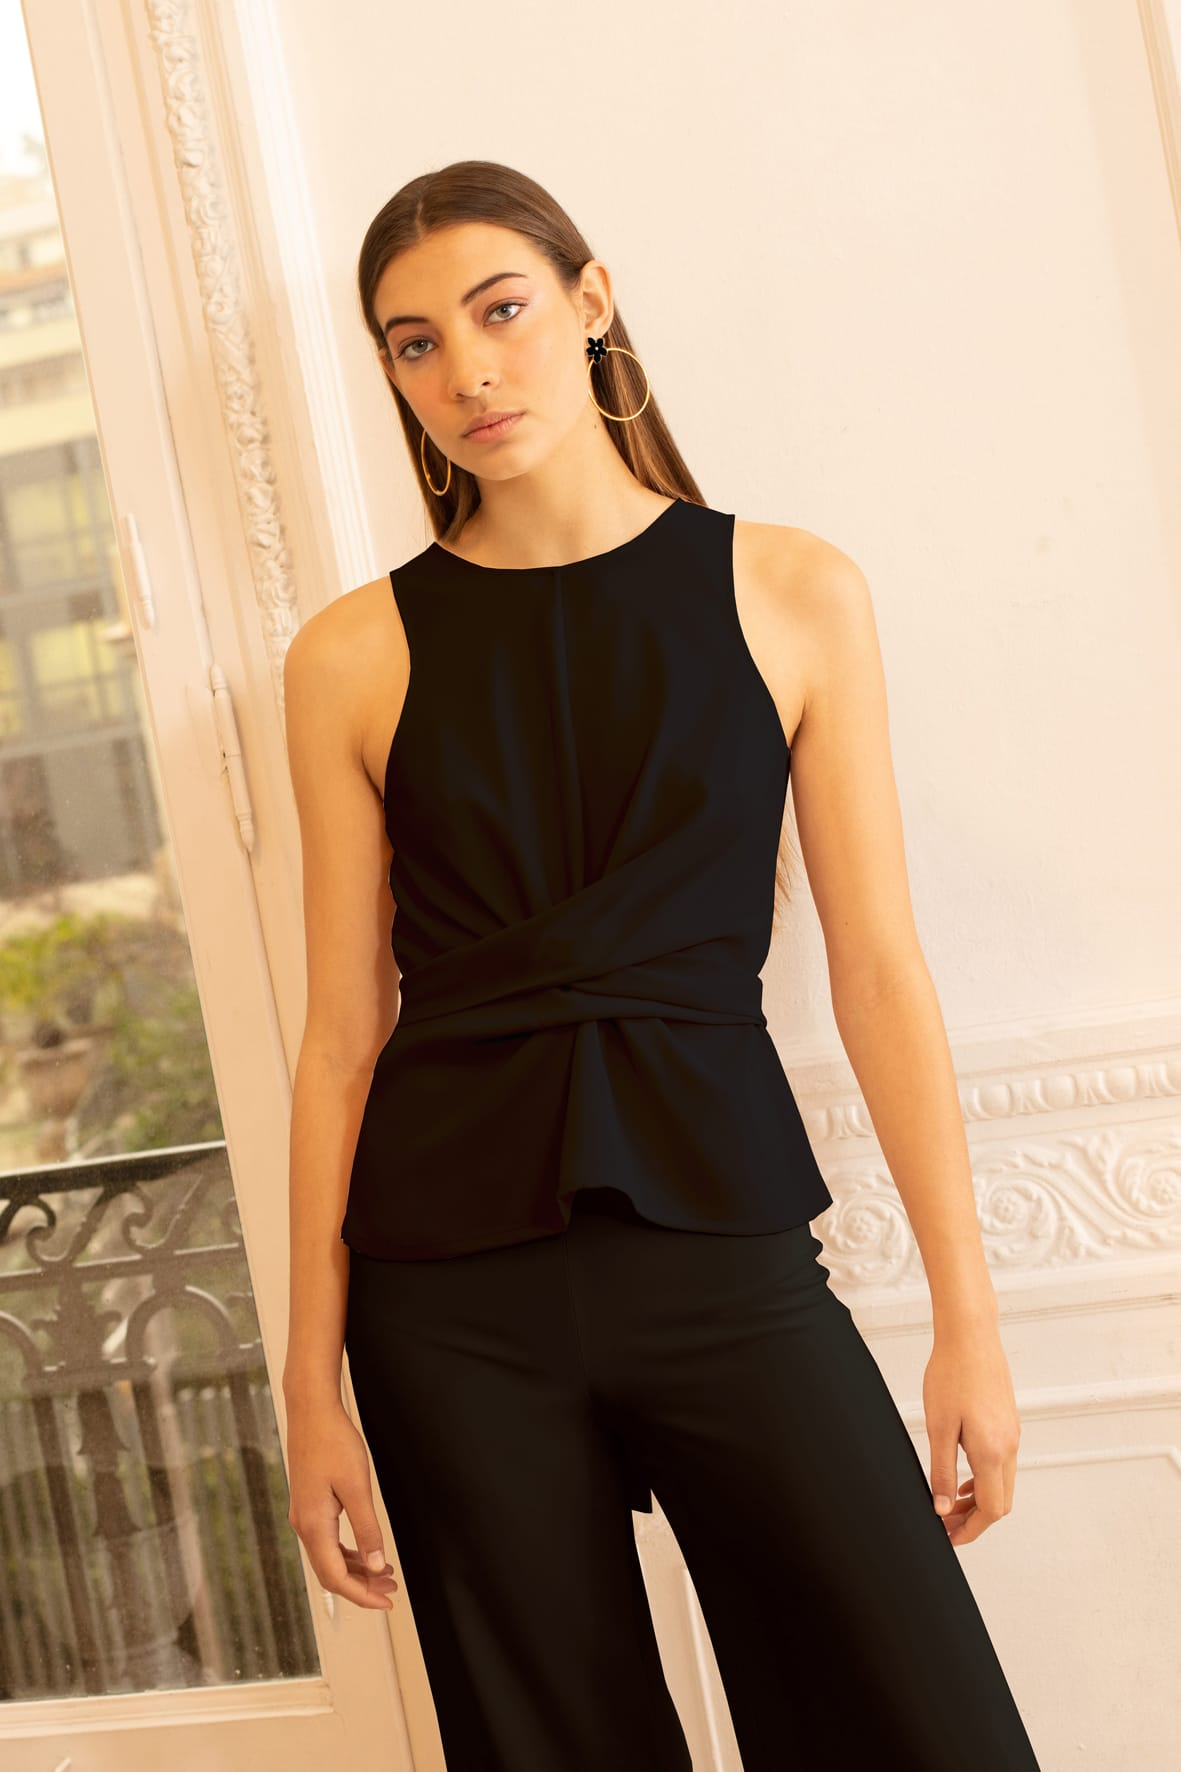 diseñadora-de-moda-Ava Crepe Top